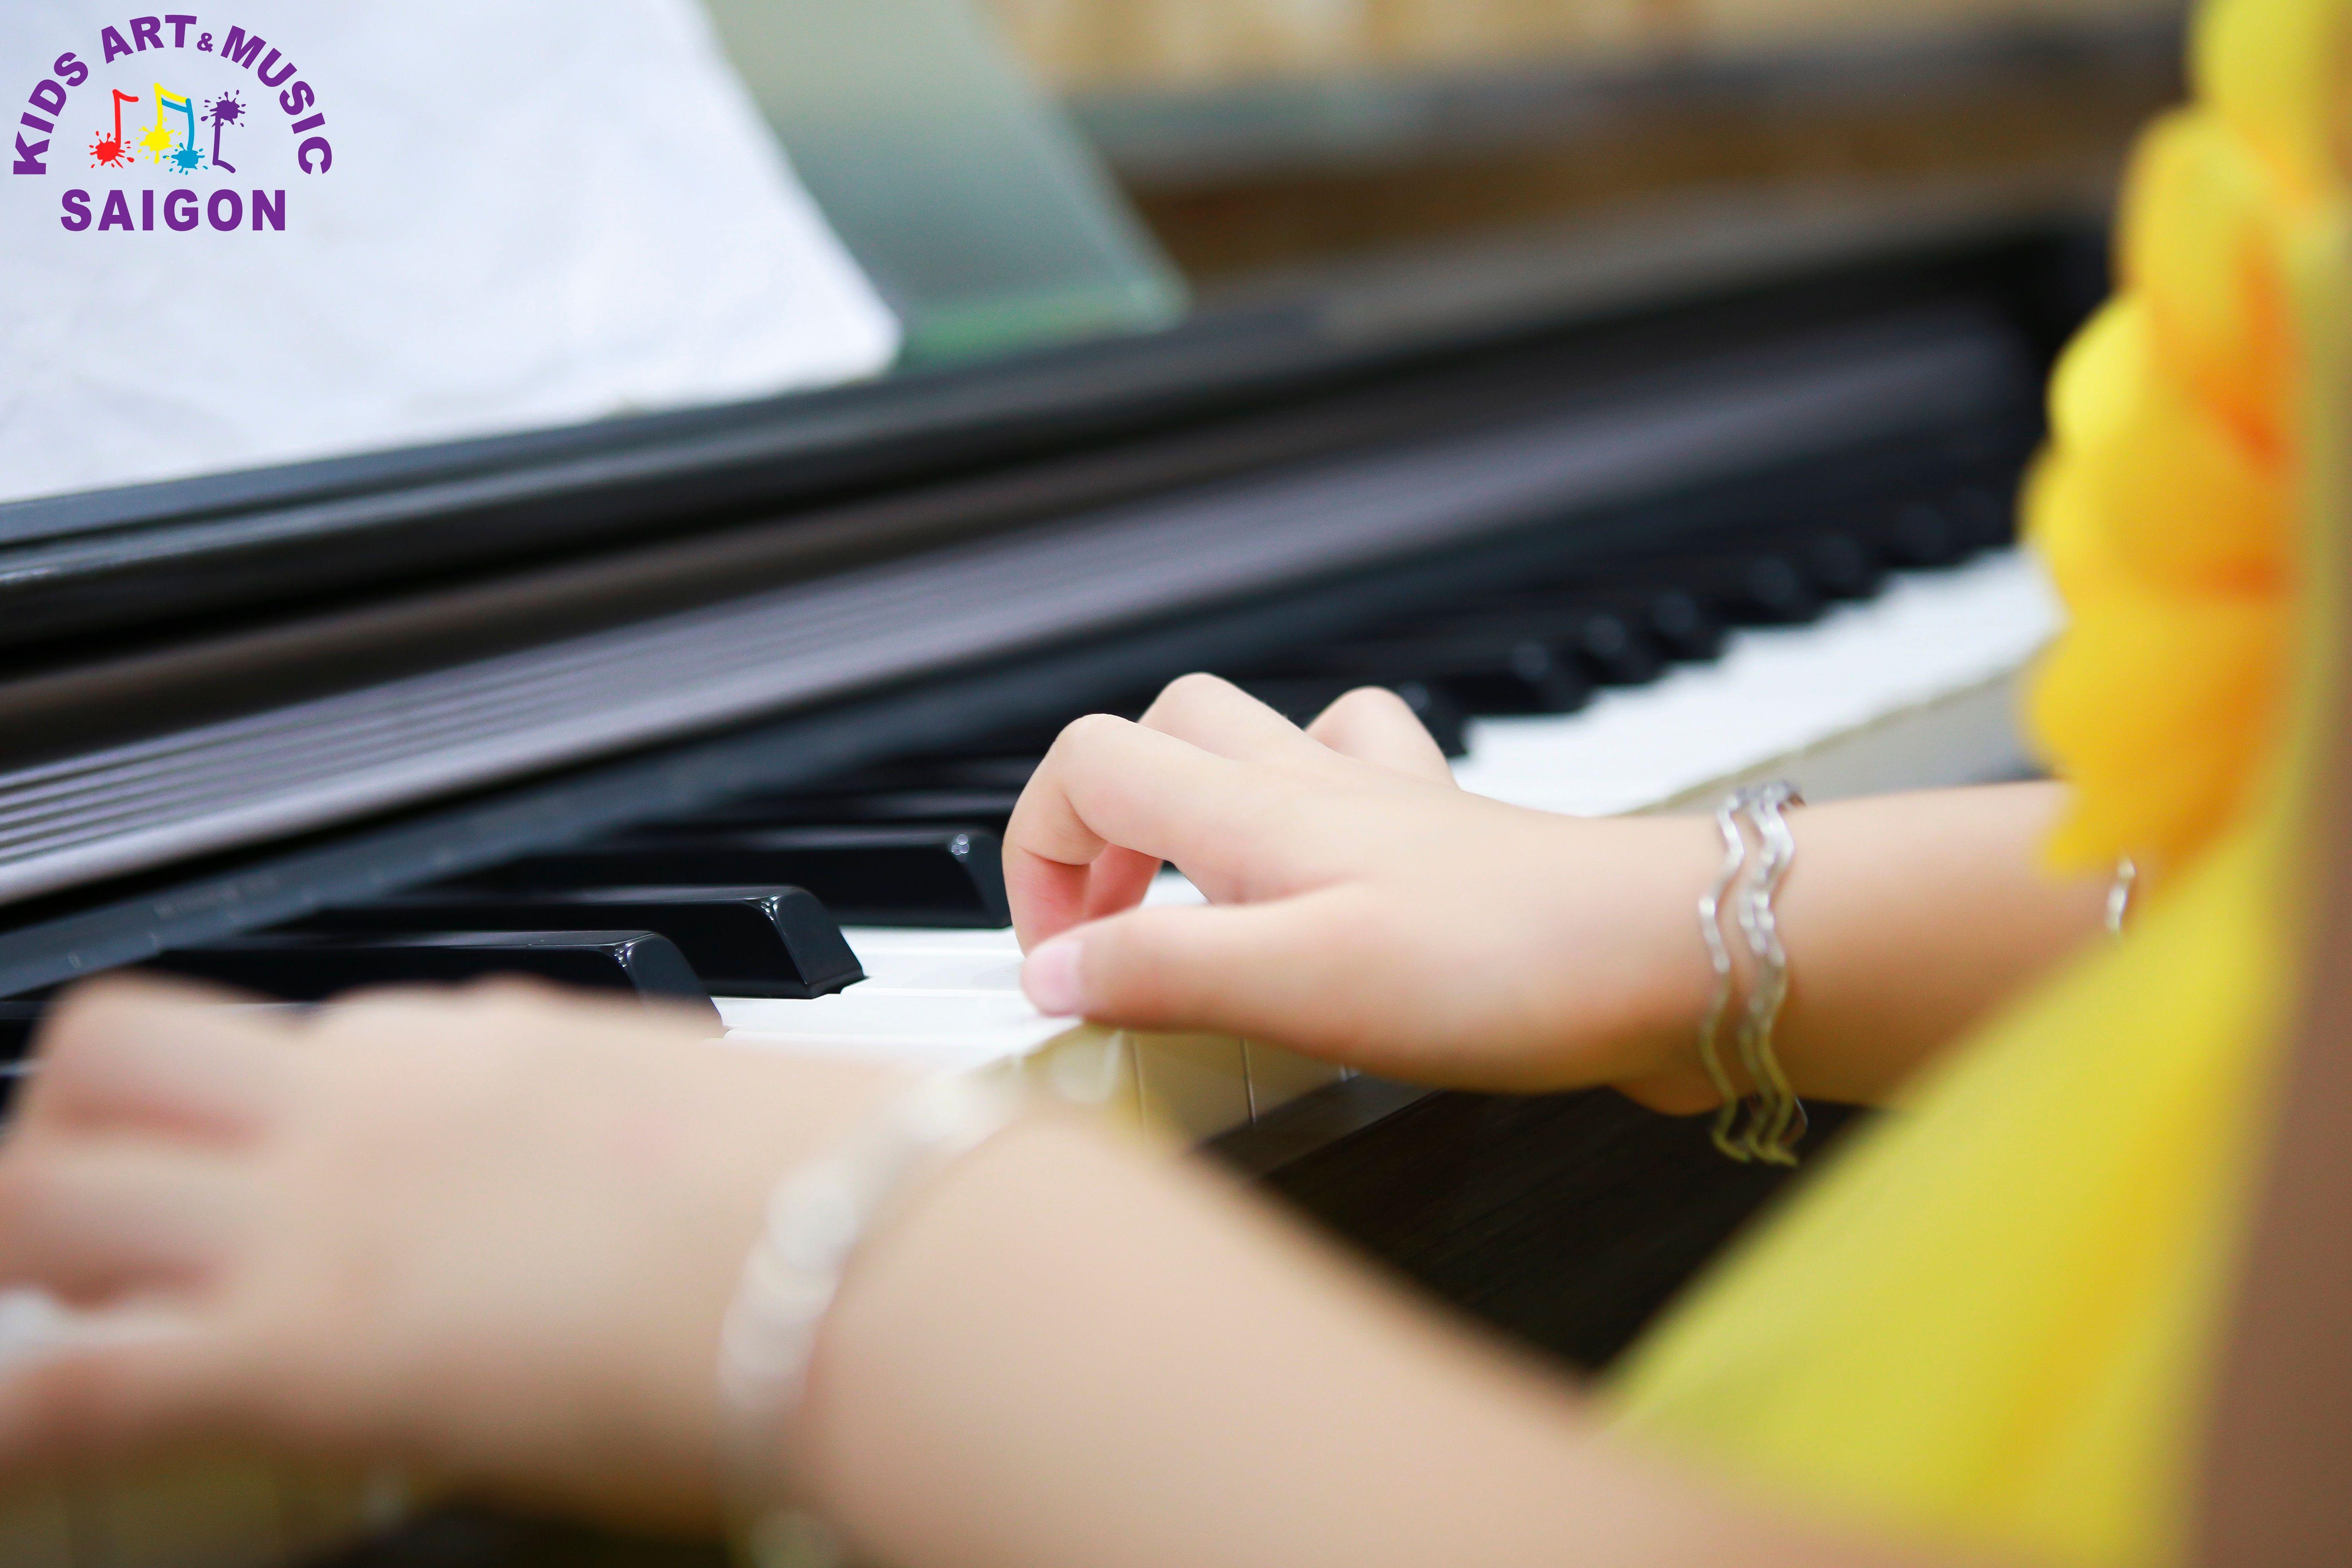 Học đàn Piano cho bé, làm thế nào để tìm được lớp chất lượng? hình ảnh 1